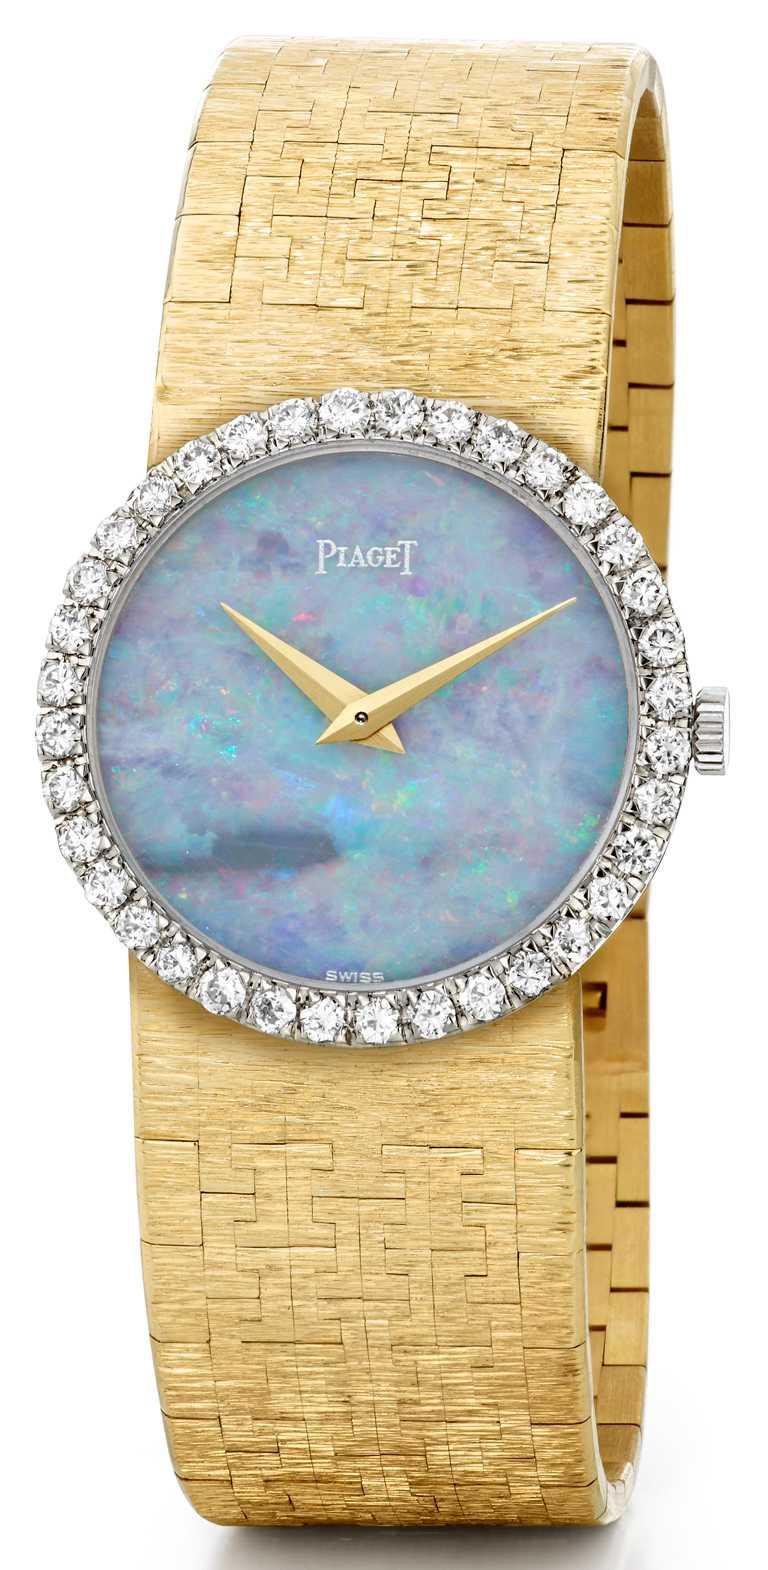 製作於1967年,曾為伊莉莎白泰勒收藏,黃K金錶殼、白K金錶圈,搭配蛋白石錶盤;搭載伯爵傳奇9P手動上鏈機芯,鑲嵌36顆總重約0.70克拉美鑽。(圖╱PIAGET提供)